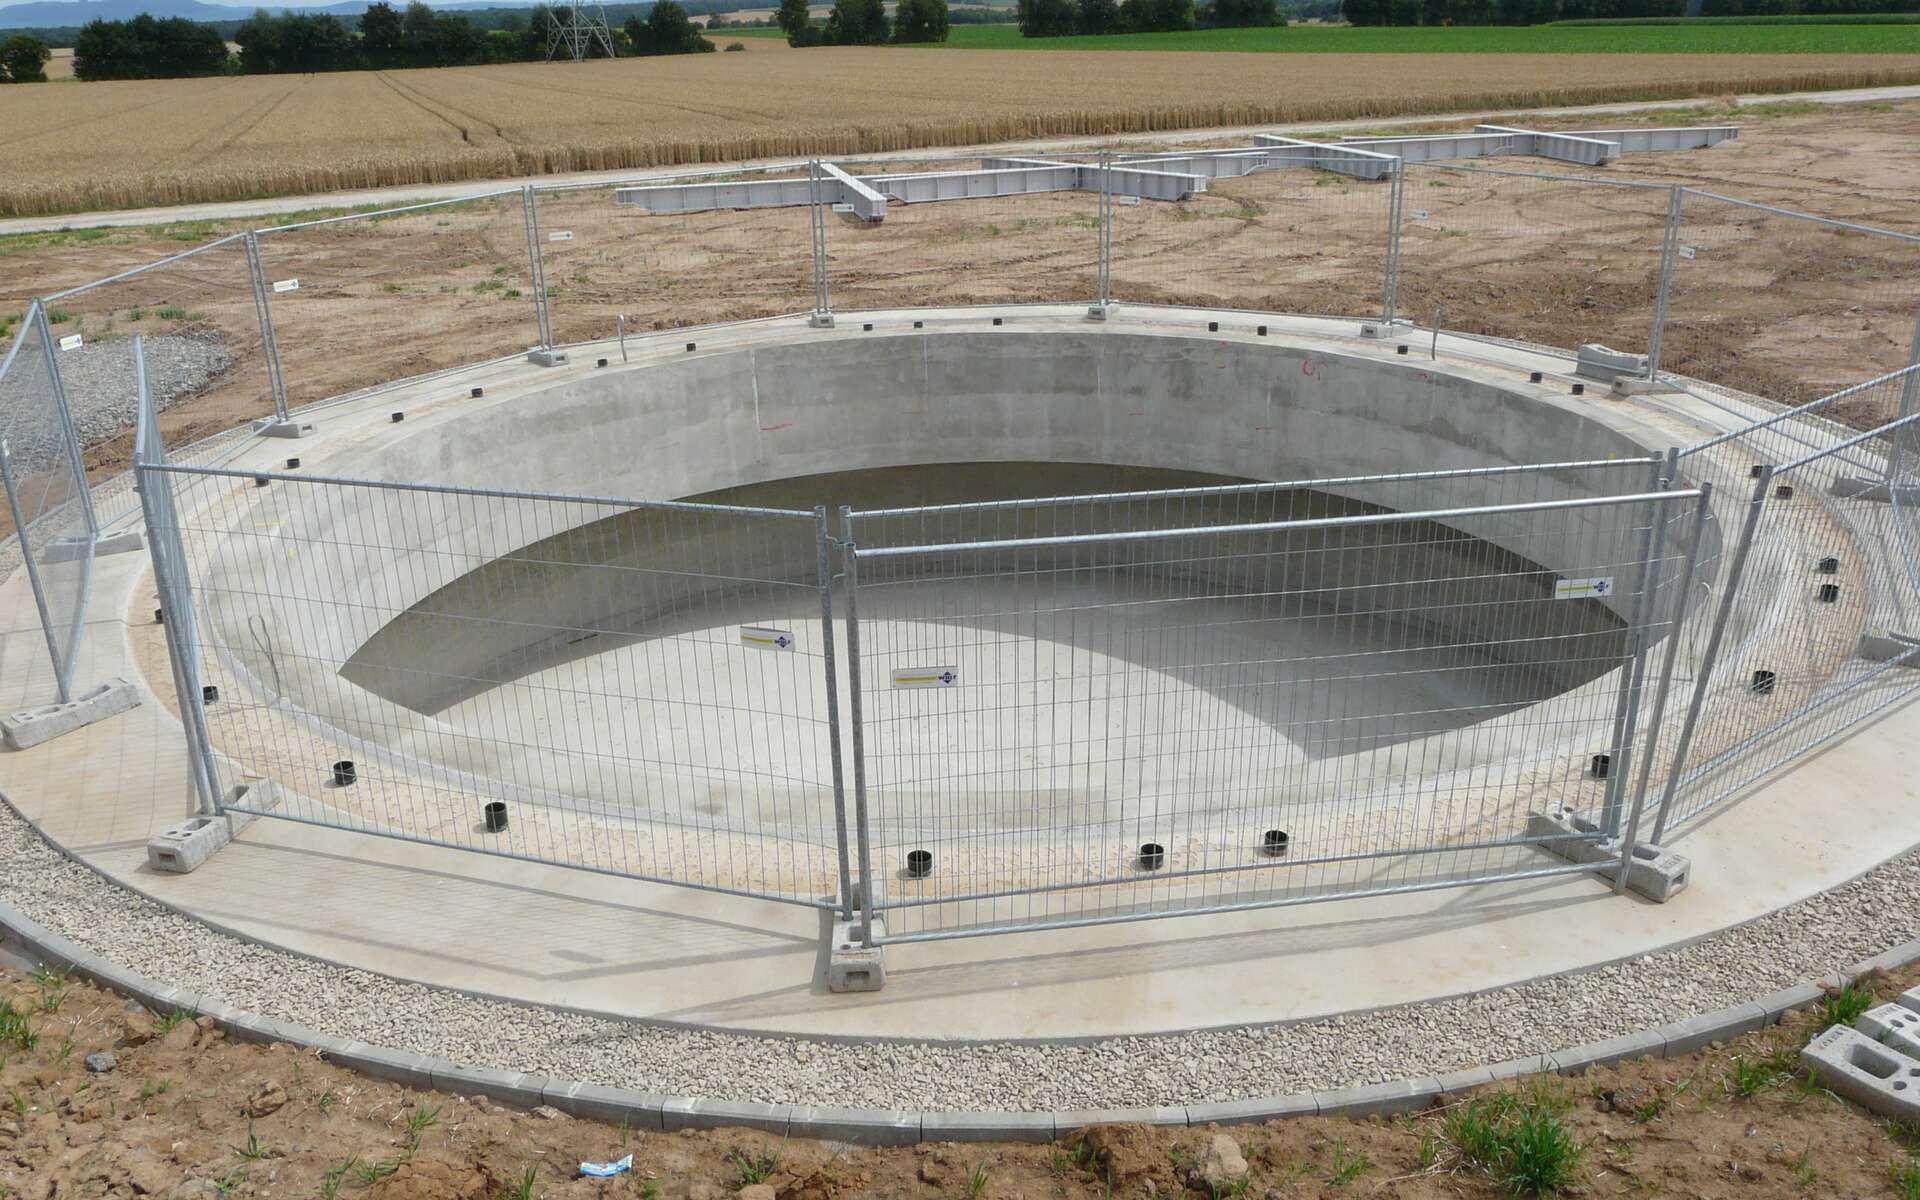 Le béton de fondation est utilisé dans toutes les constructions. Ici, il sert au socle d'une éolienne. © Matthieu Riegler, CC BY 3.0, Wikimedia Commons